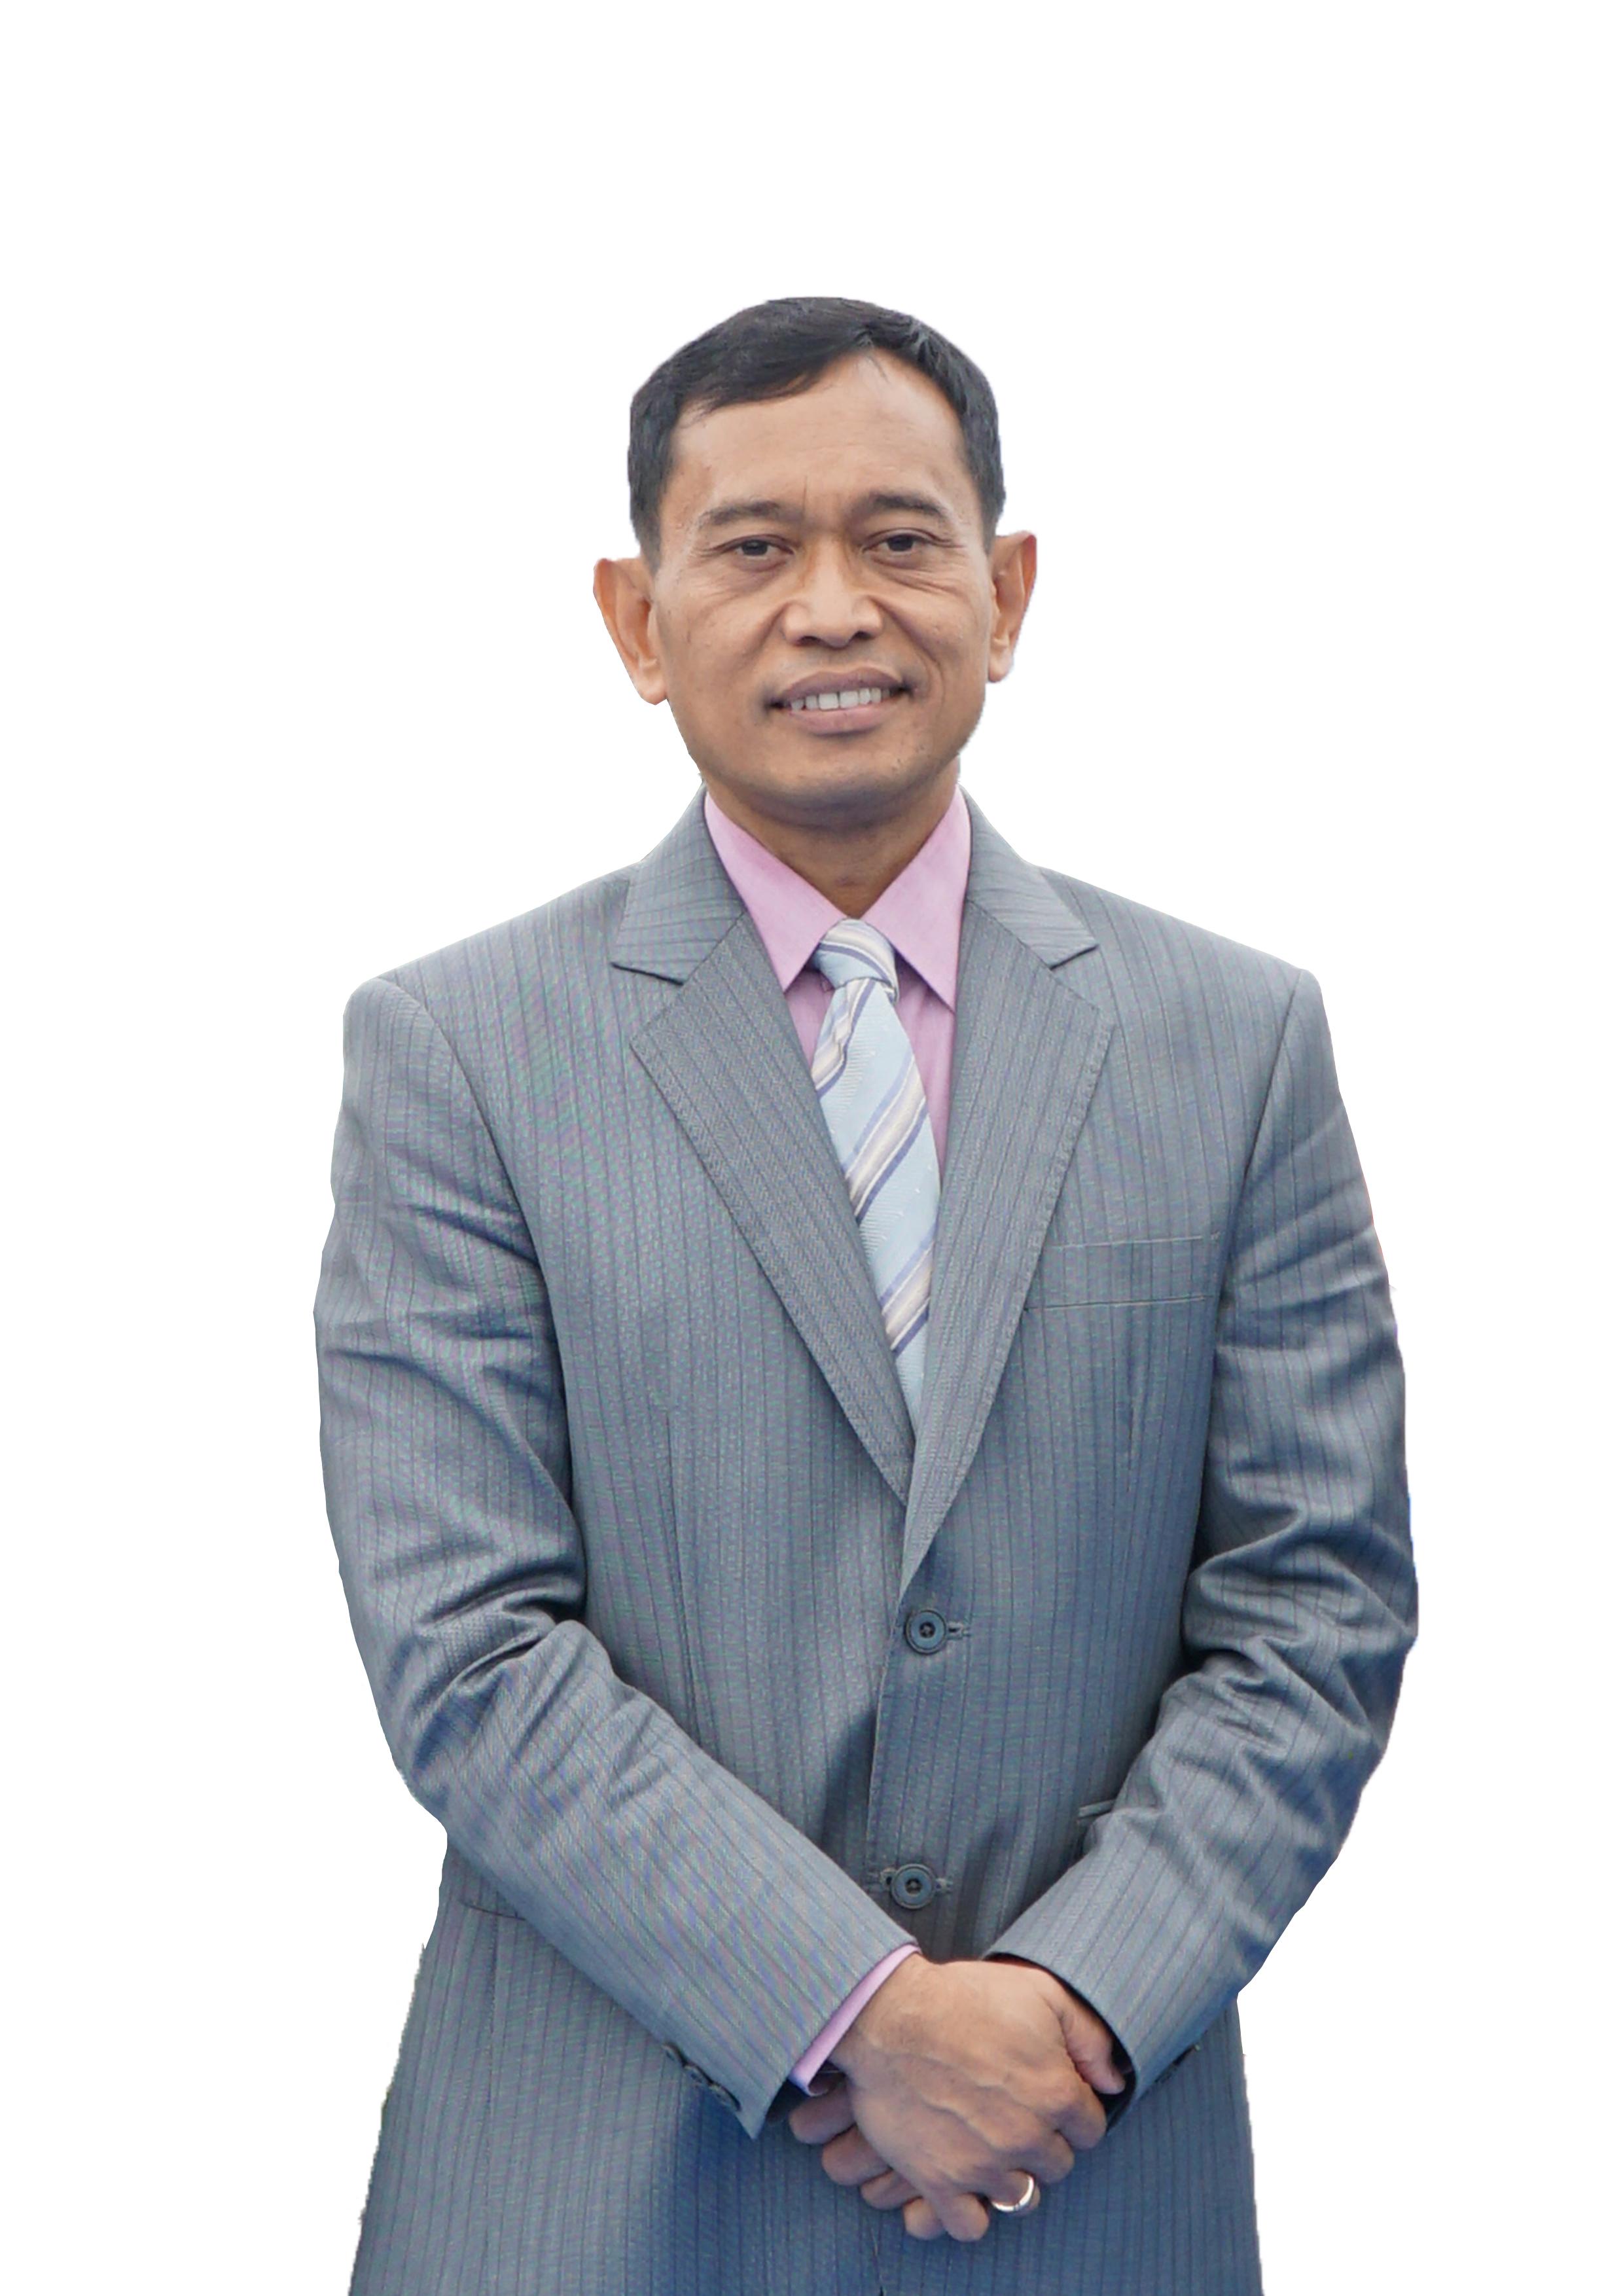 DR JR SARAGIH